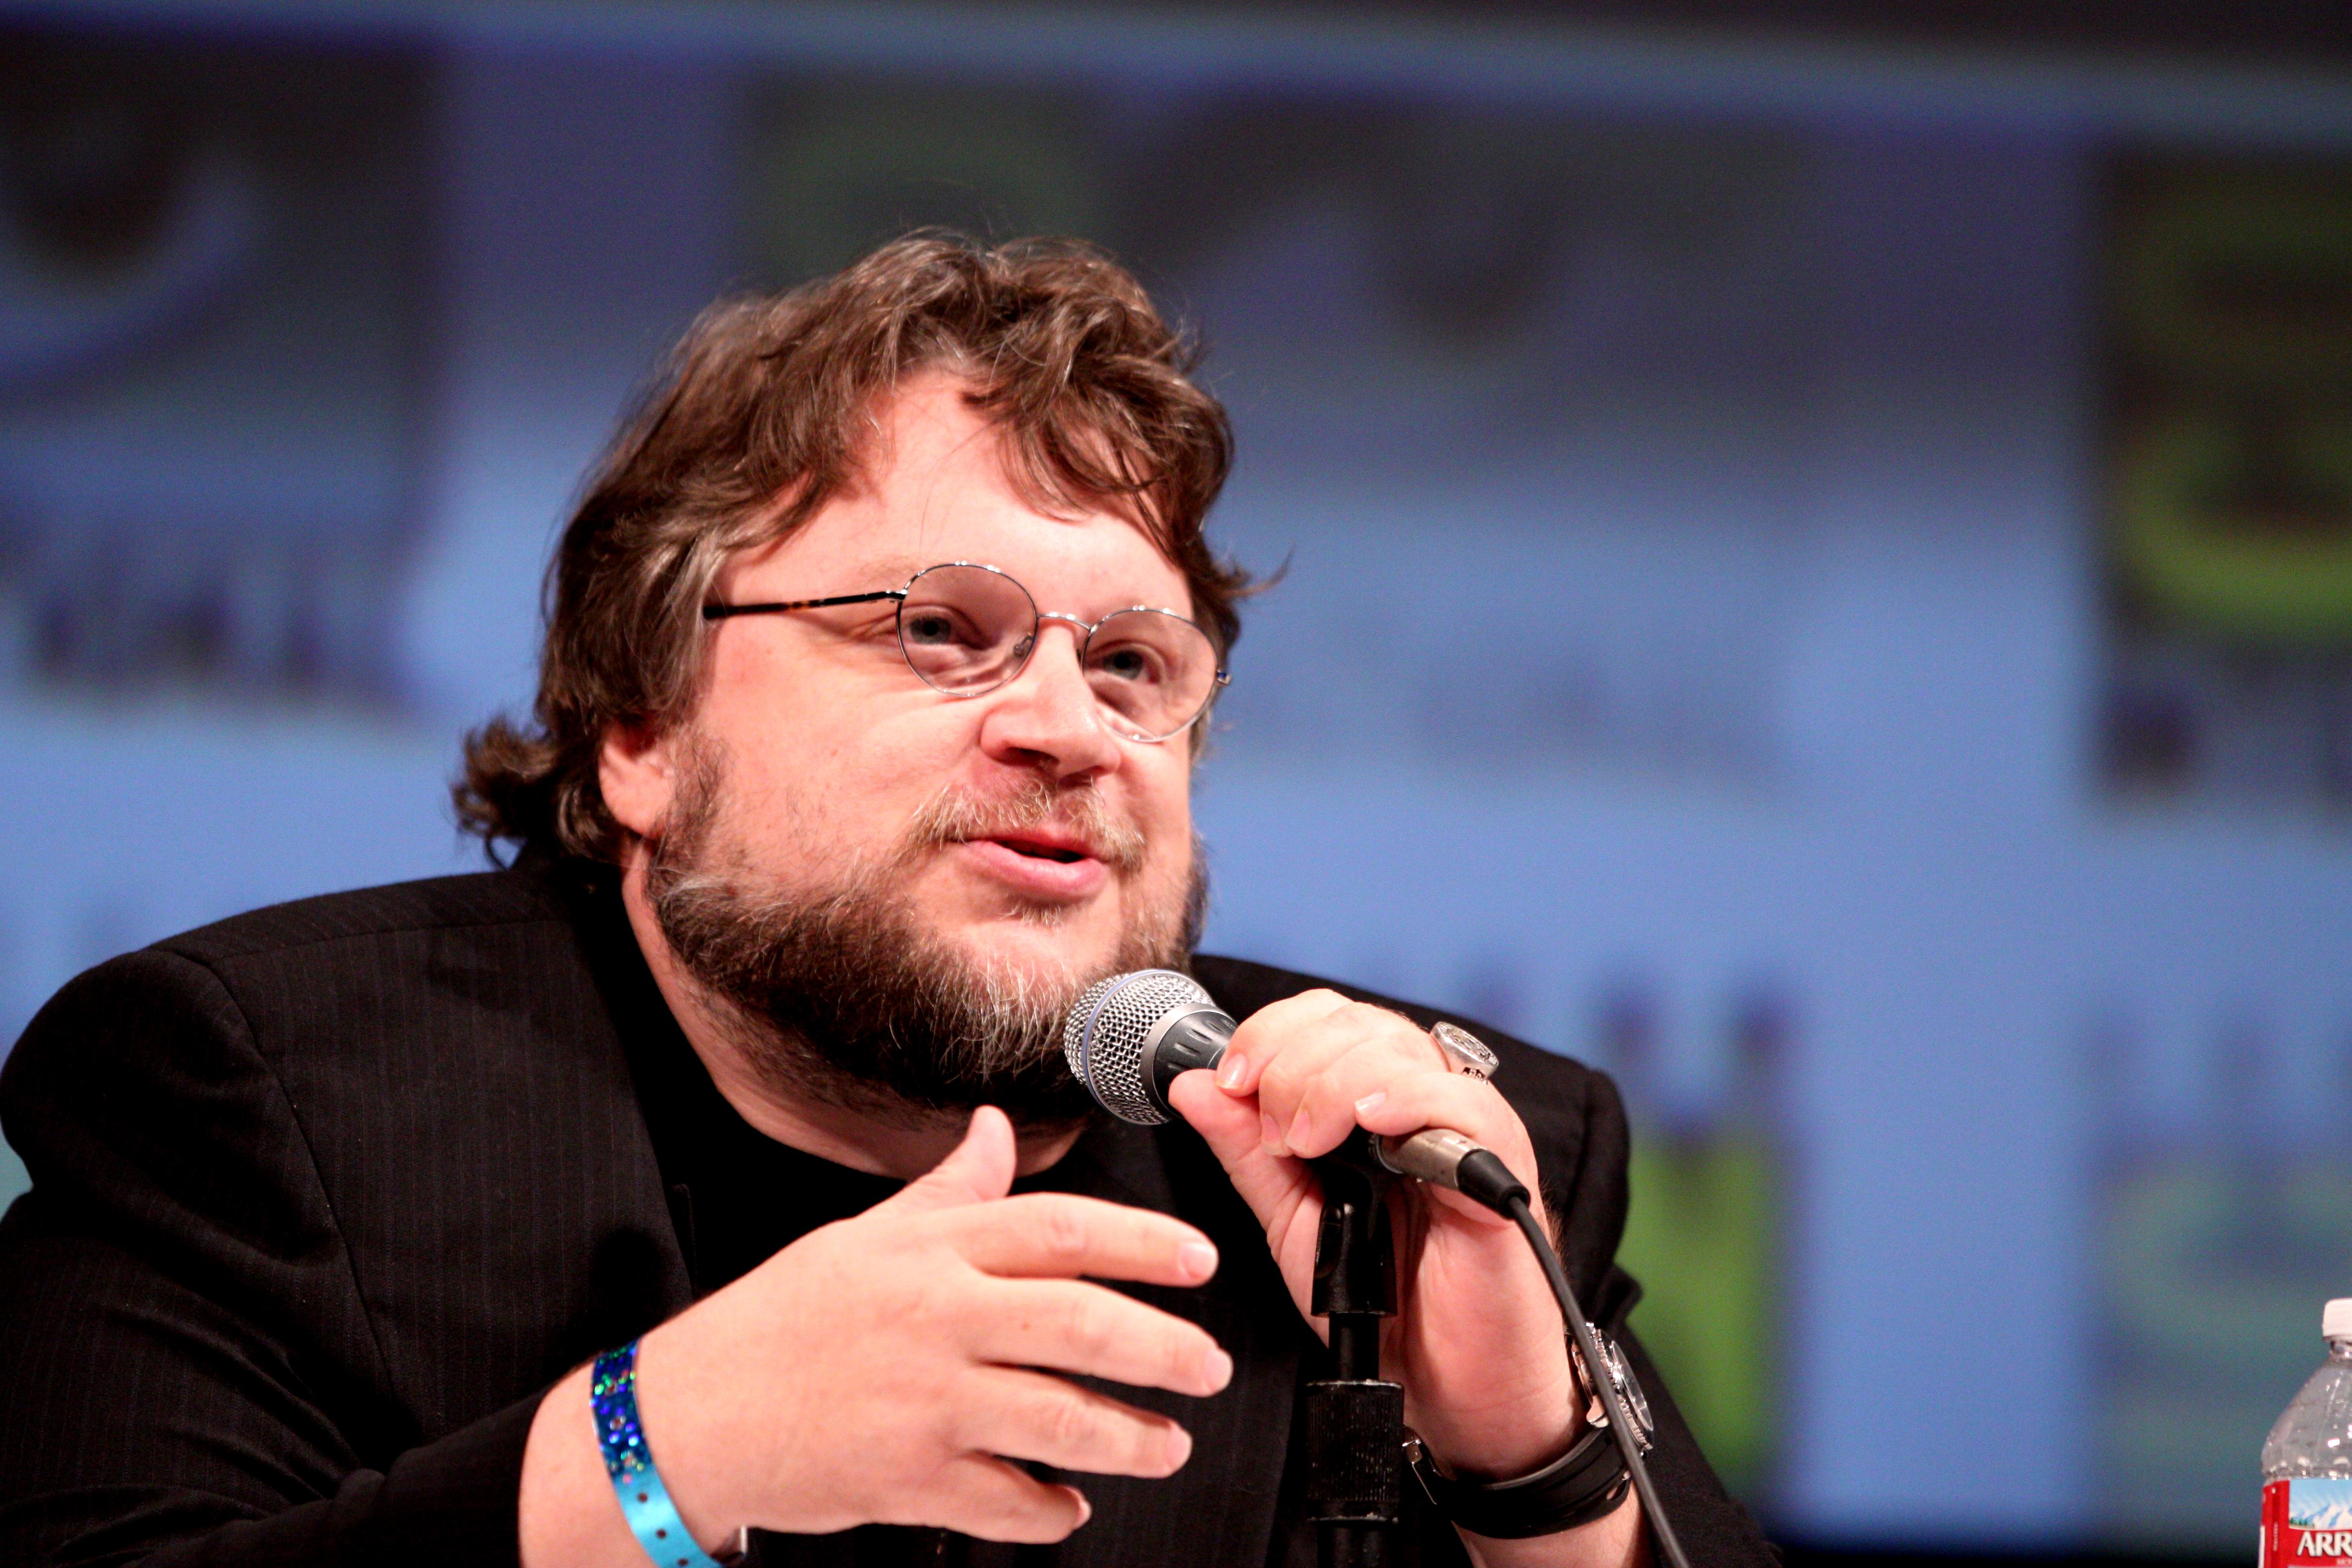 Guilhermo Del Toro in file:guillermo del toro (4840406830) - wikimedia commons